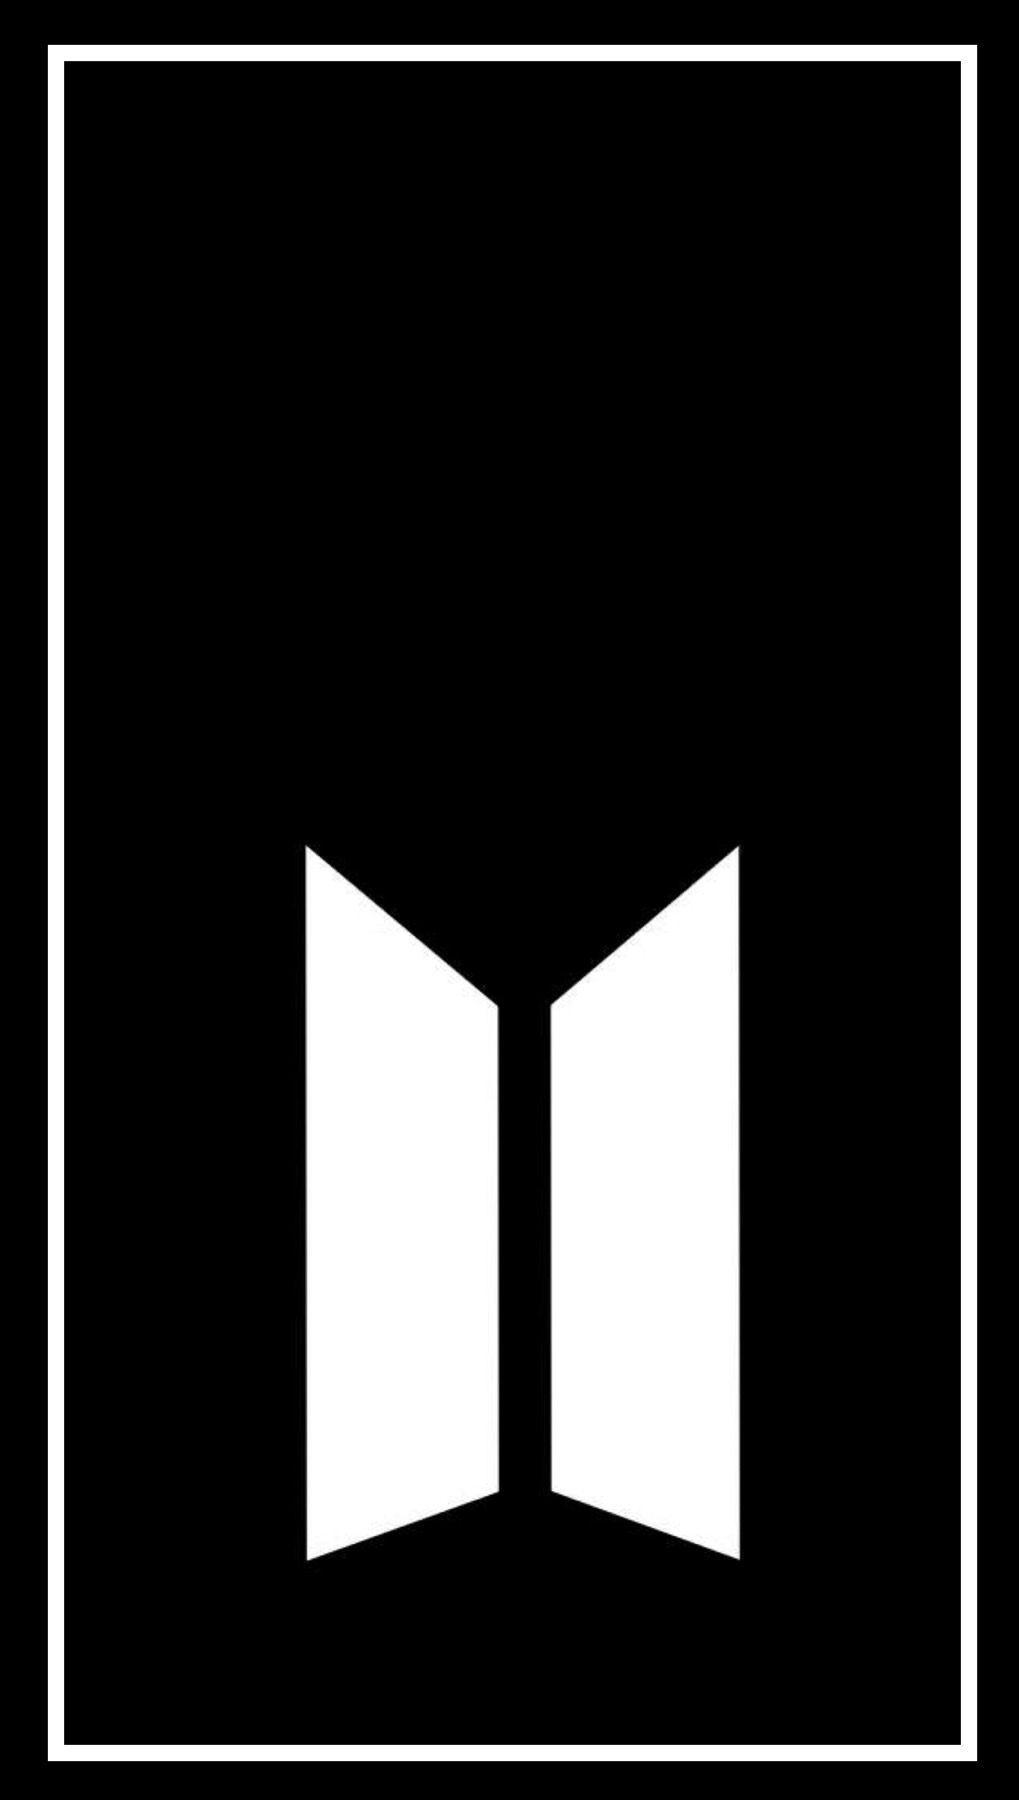 Bts Logo Black And White : black, white, Black, White, Wallpapers, Wallpaper